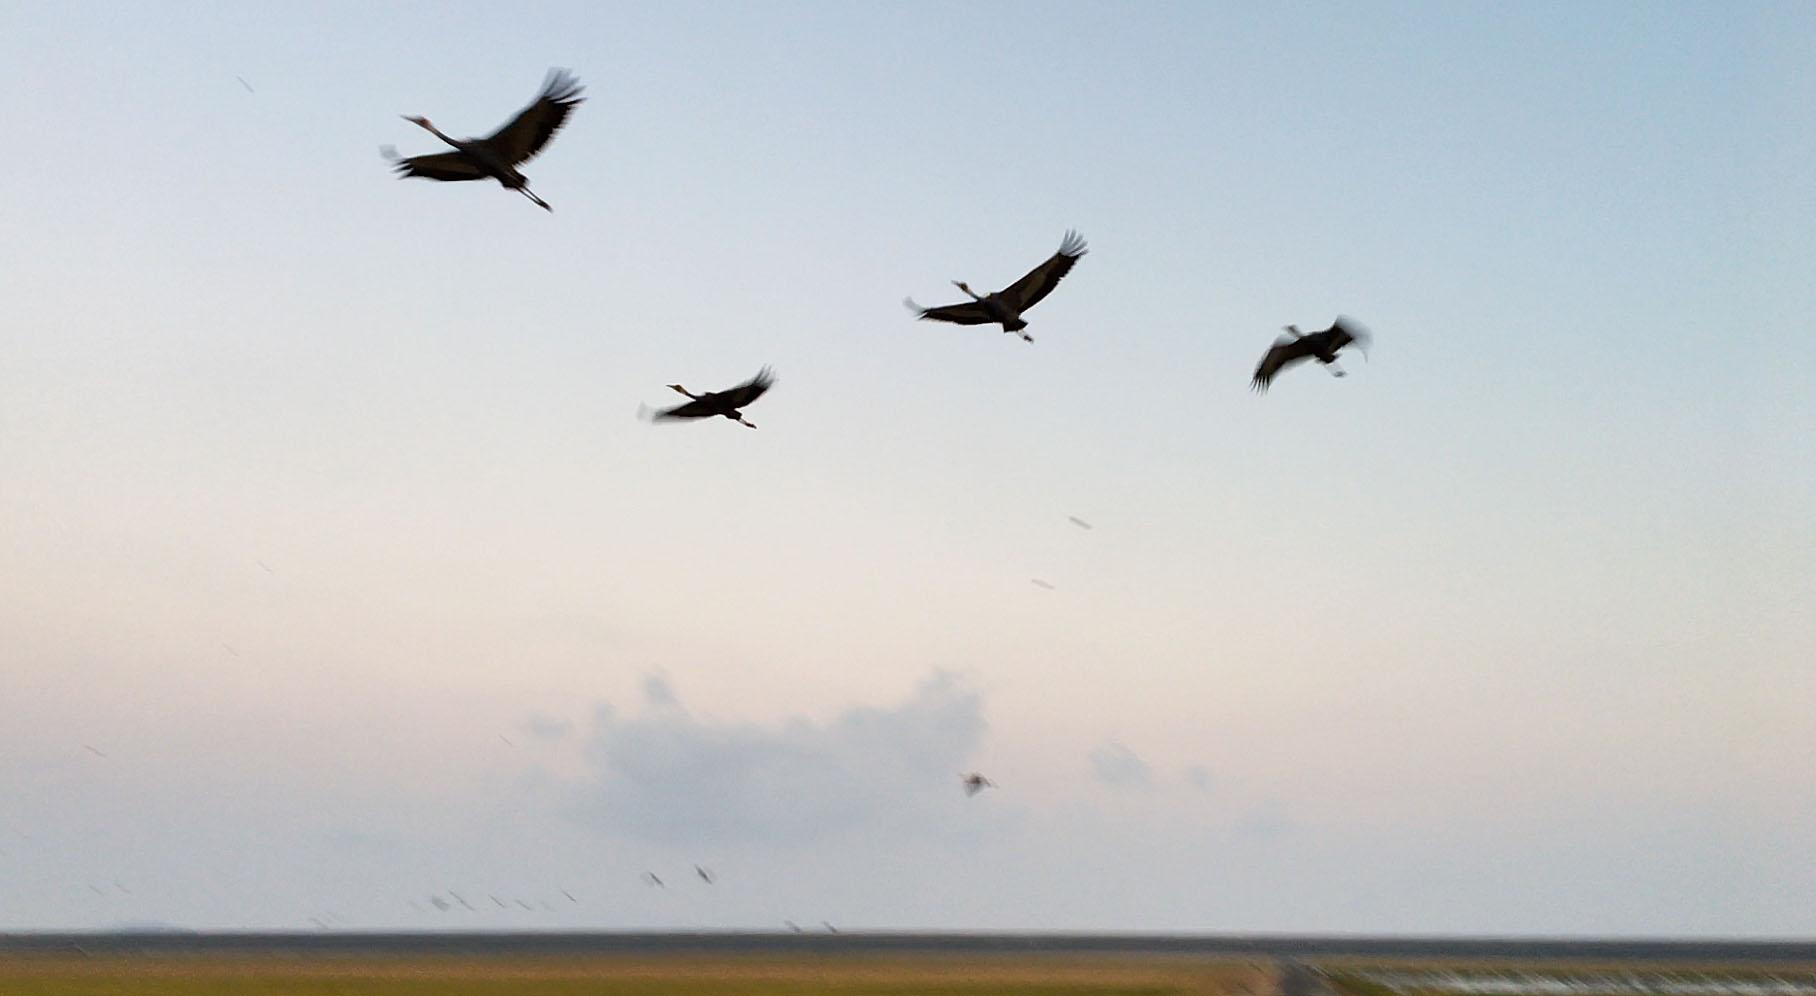 マナヅルの飛翔